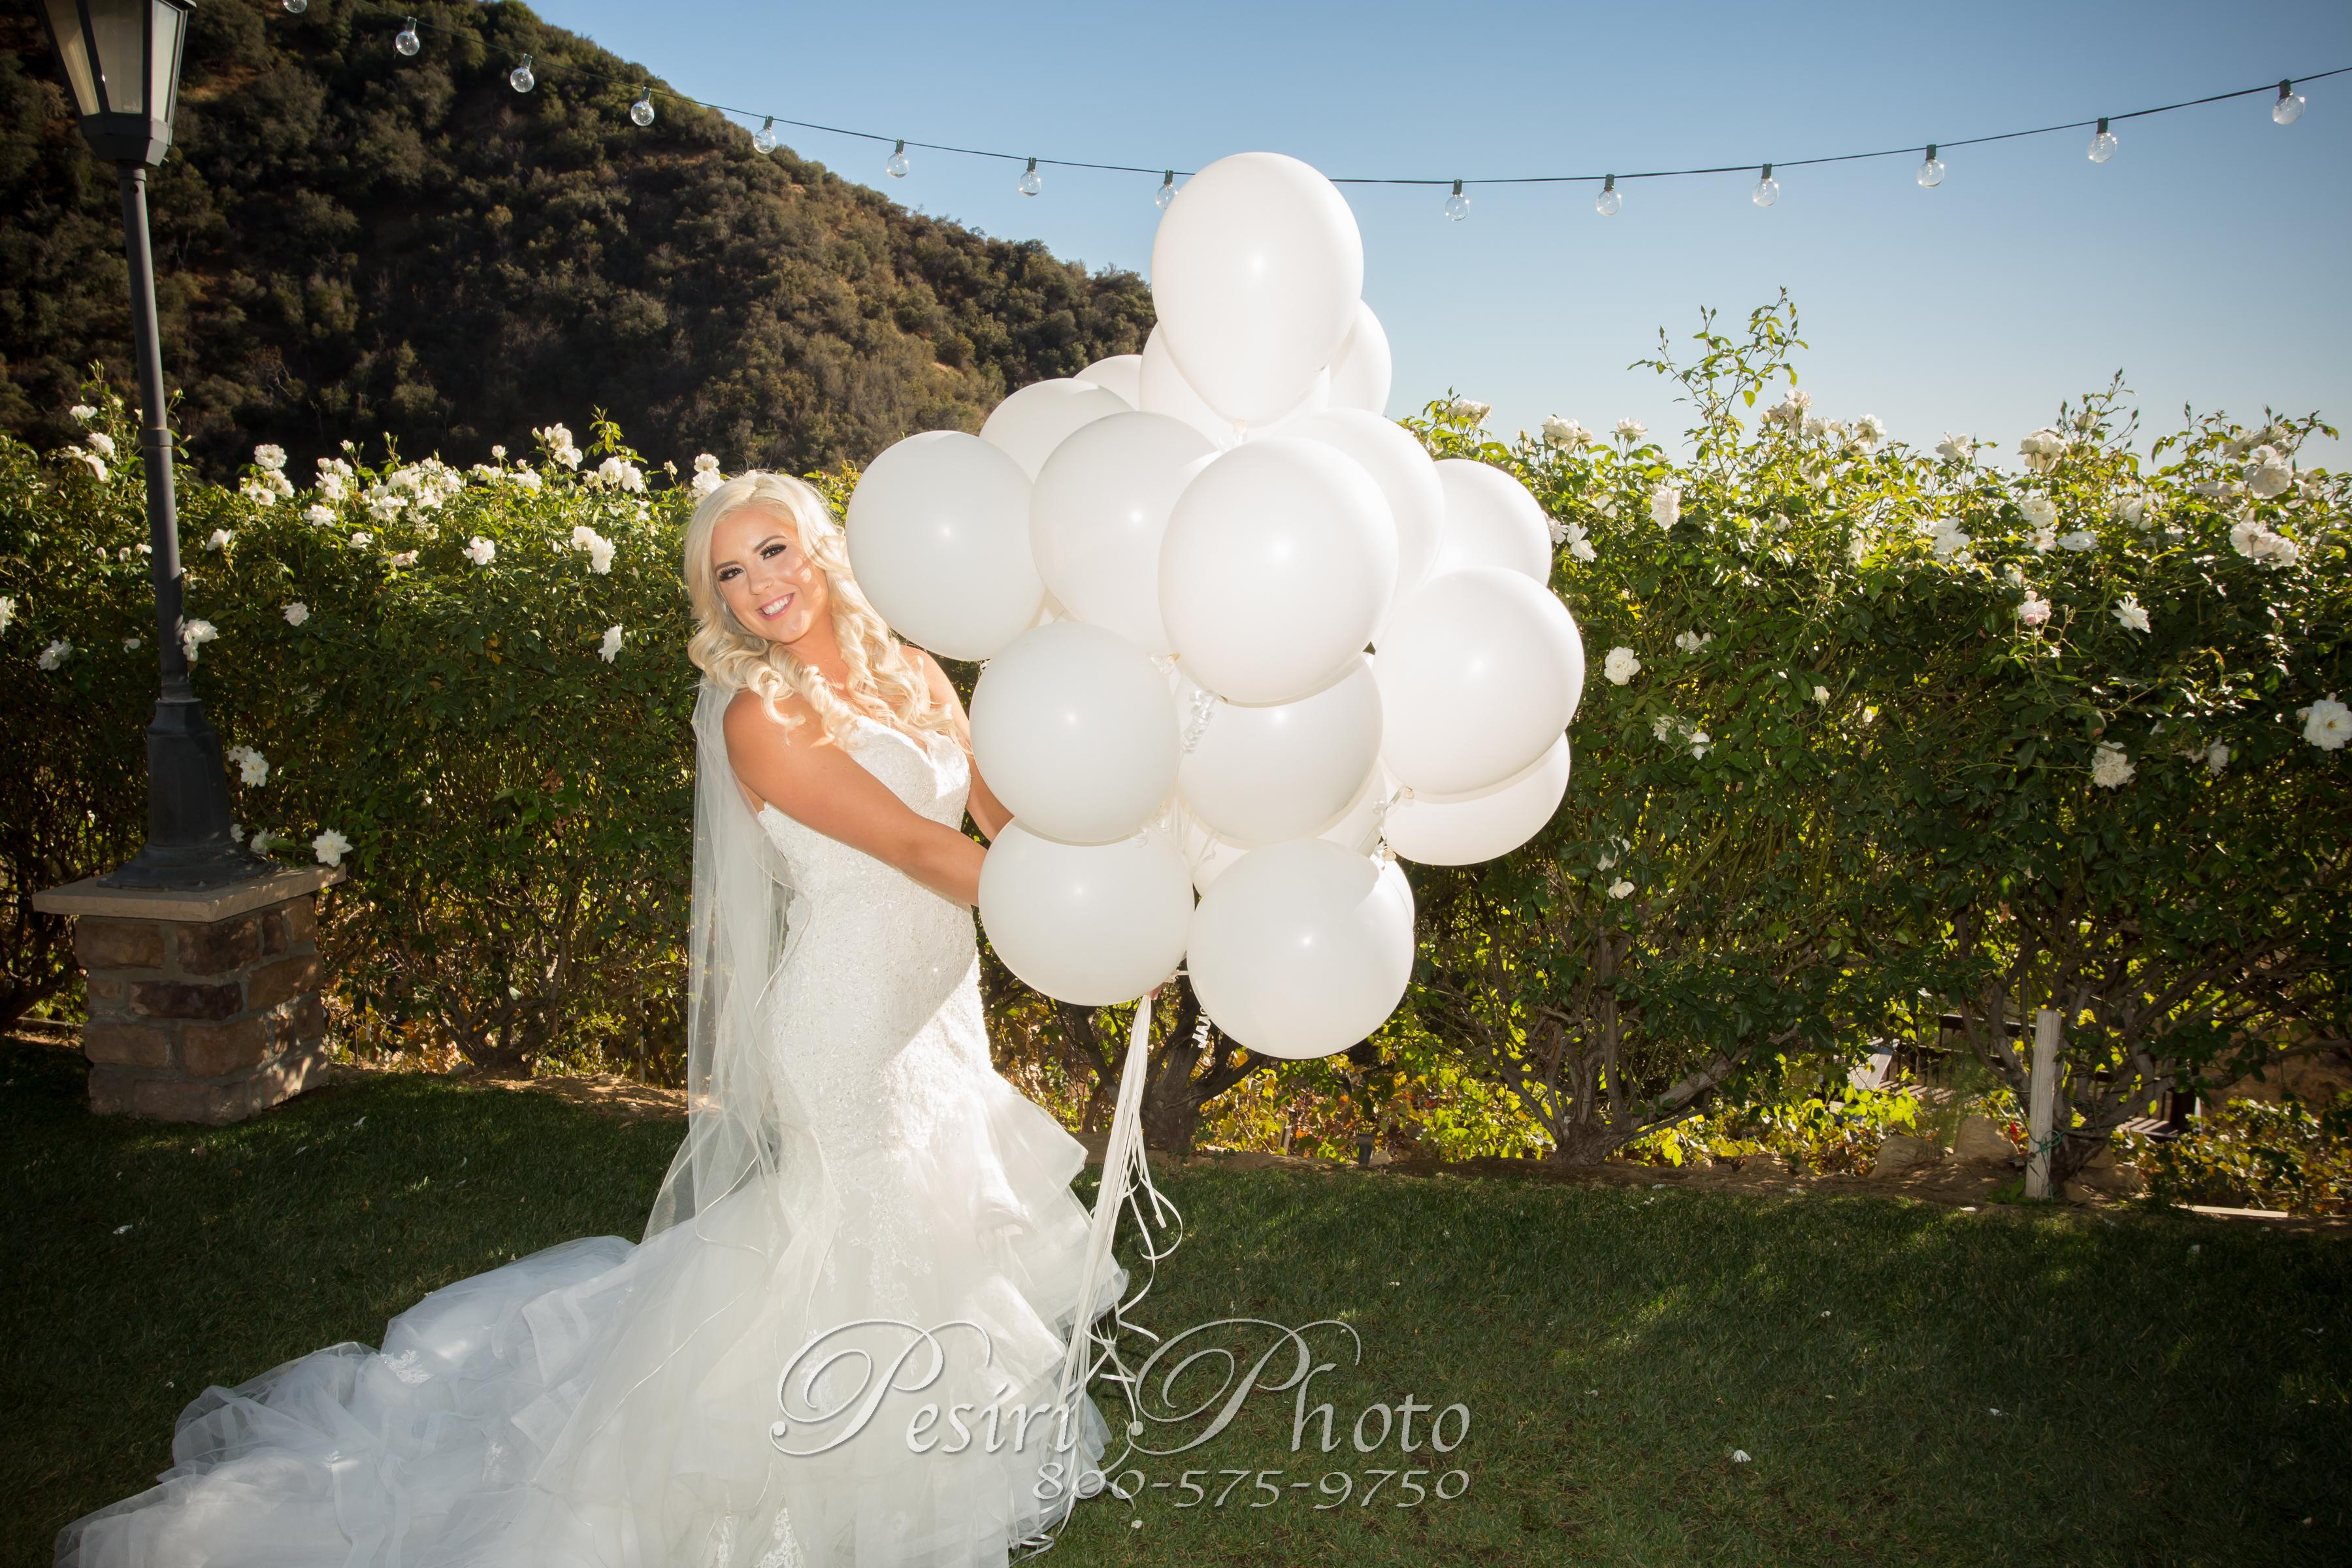 Pesiri Photo Wedding-1